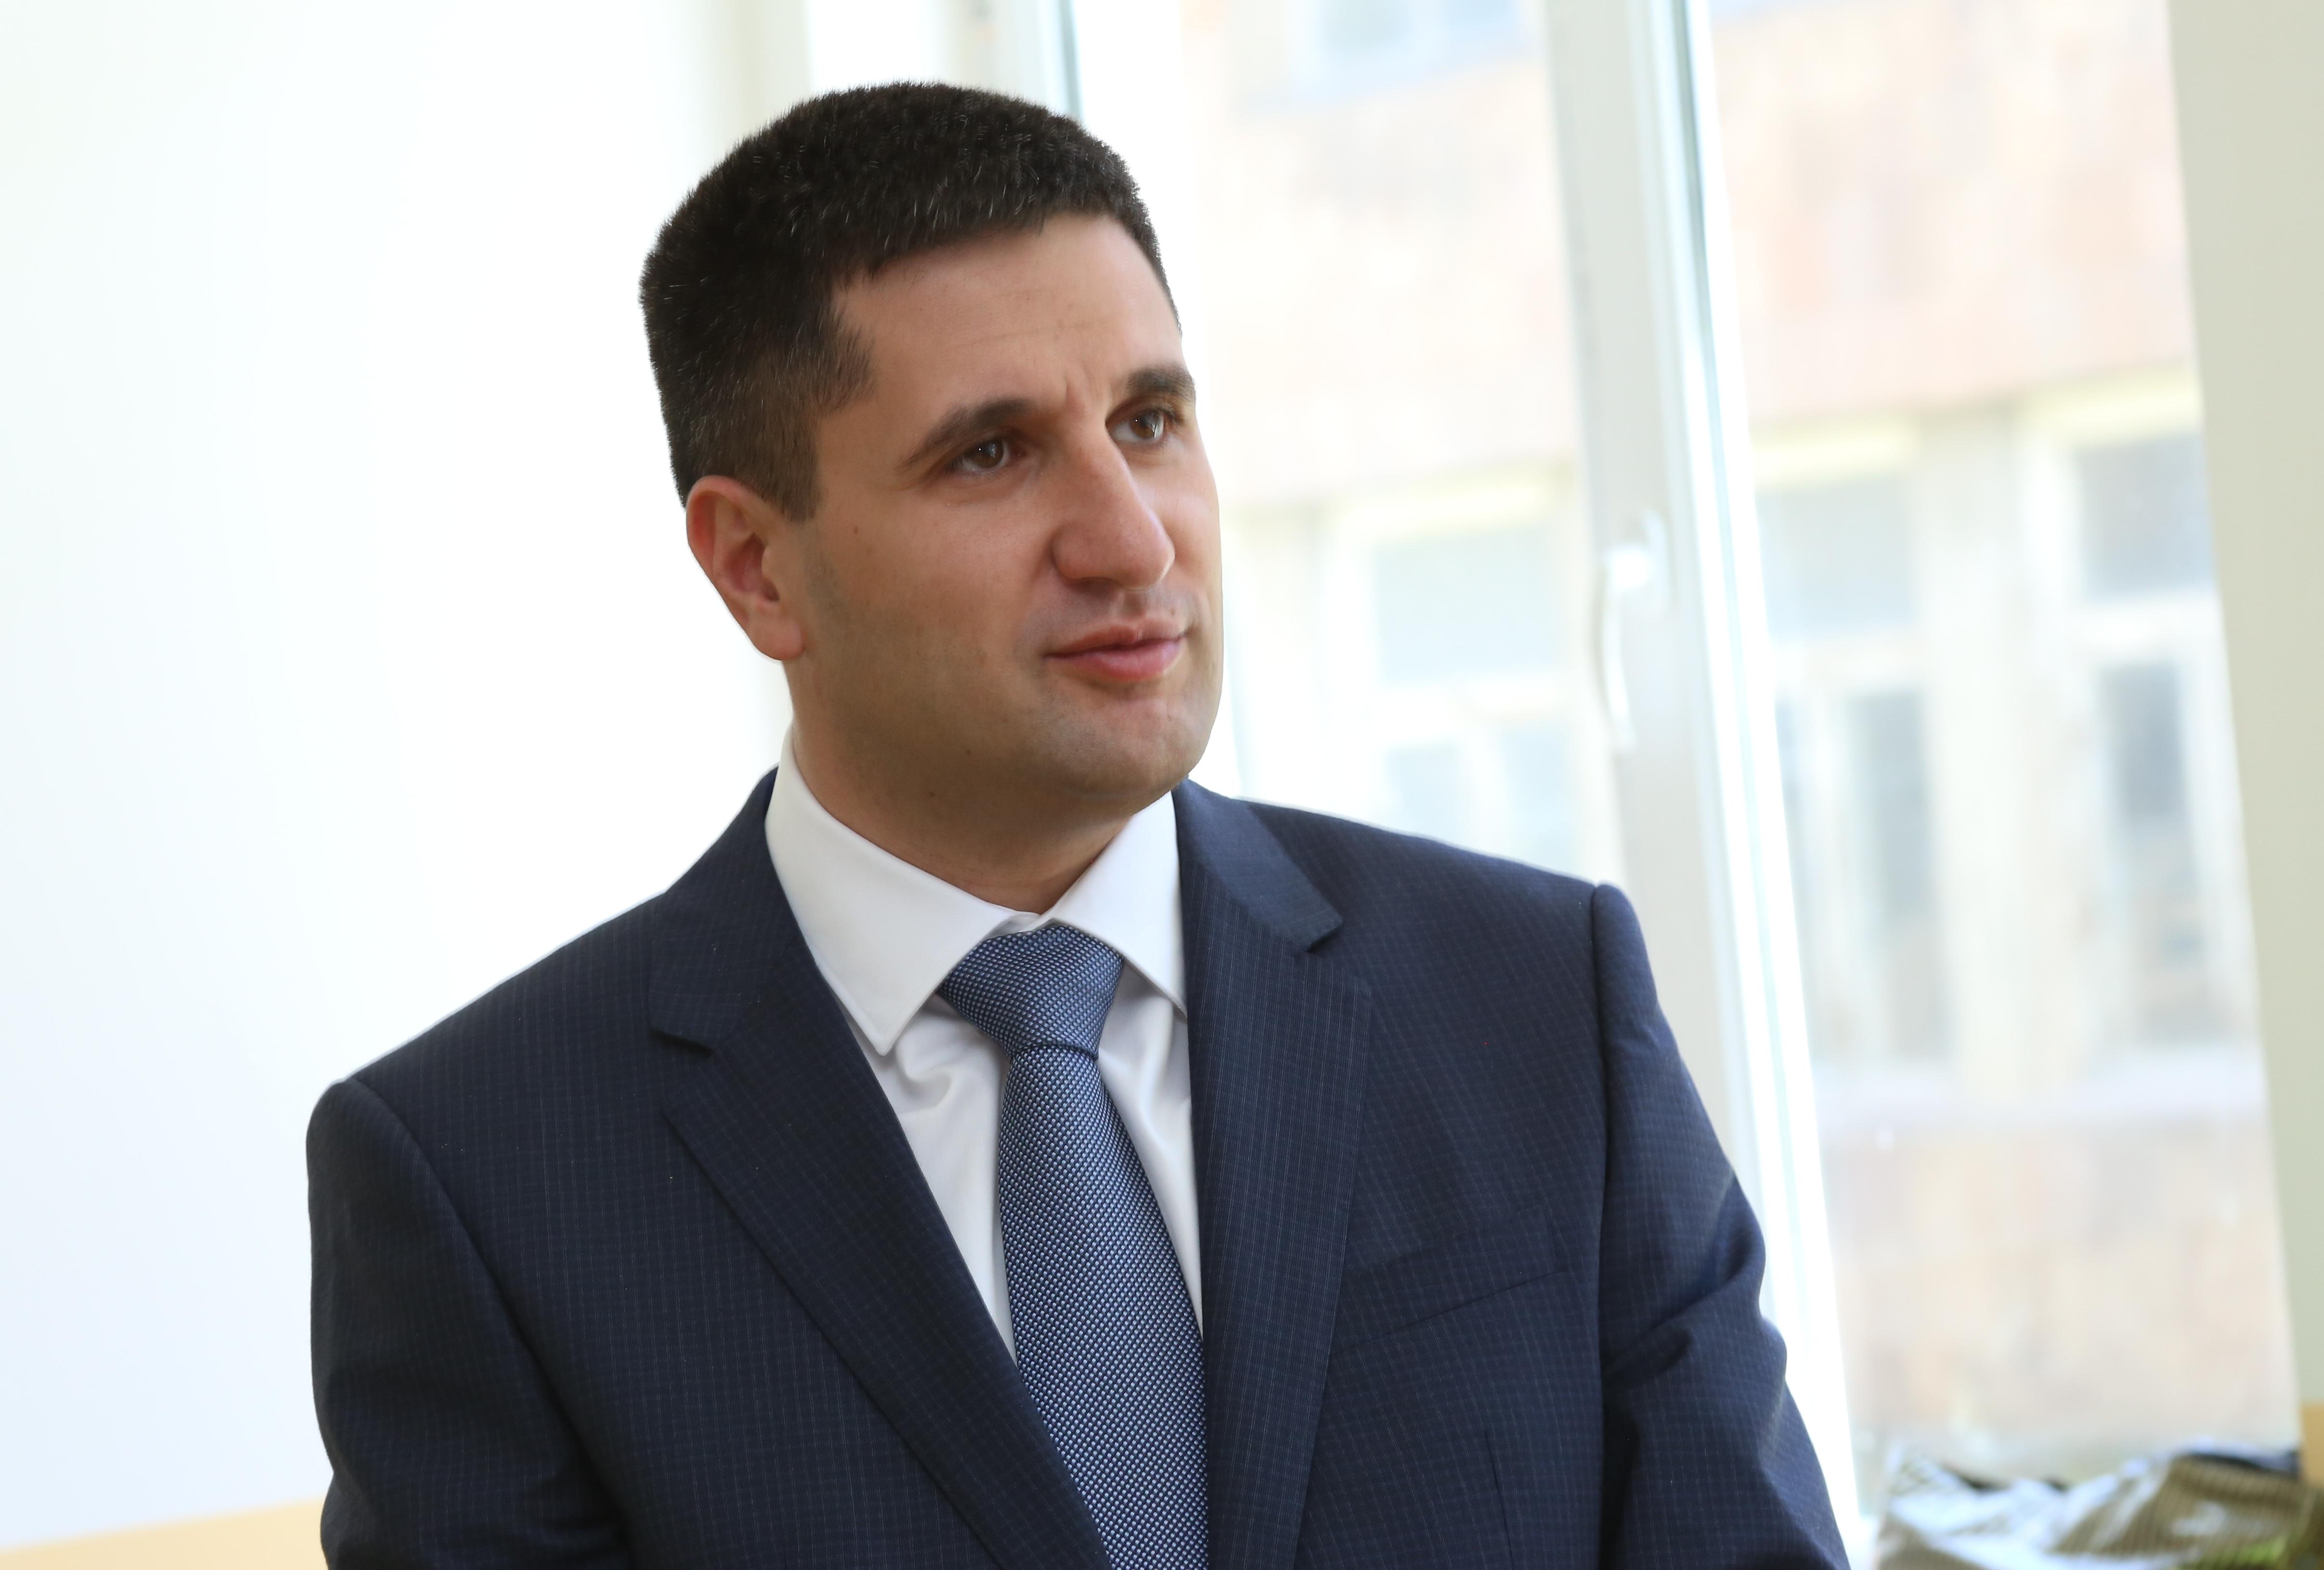 Հայկ Եսայան. «Հայկական OTT լուծումների զարգացումը կօգնի հաղթահարել ոլորտի անկումը»